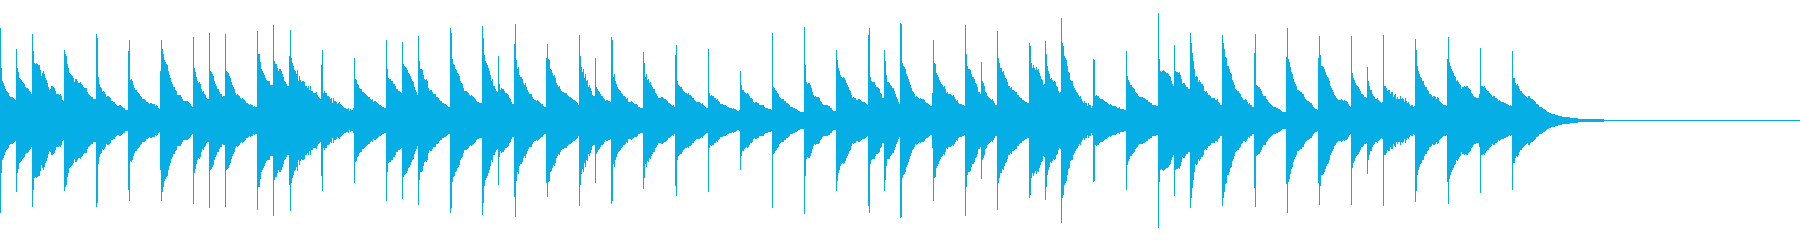 「こいのぼり」のオルゴールアレンジの再生済みの波形